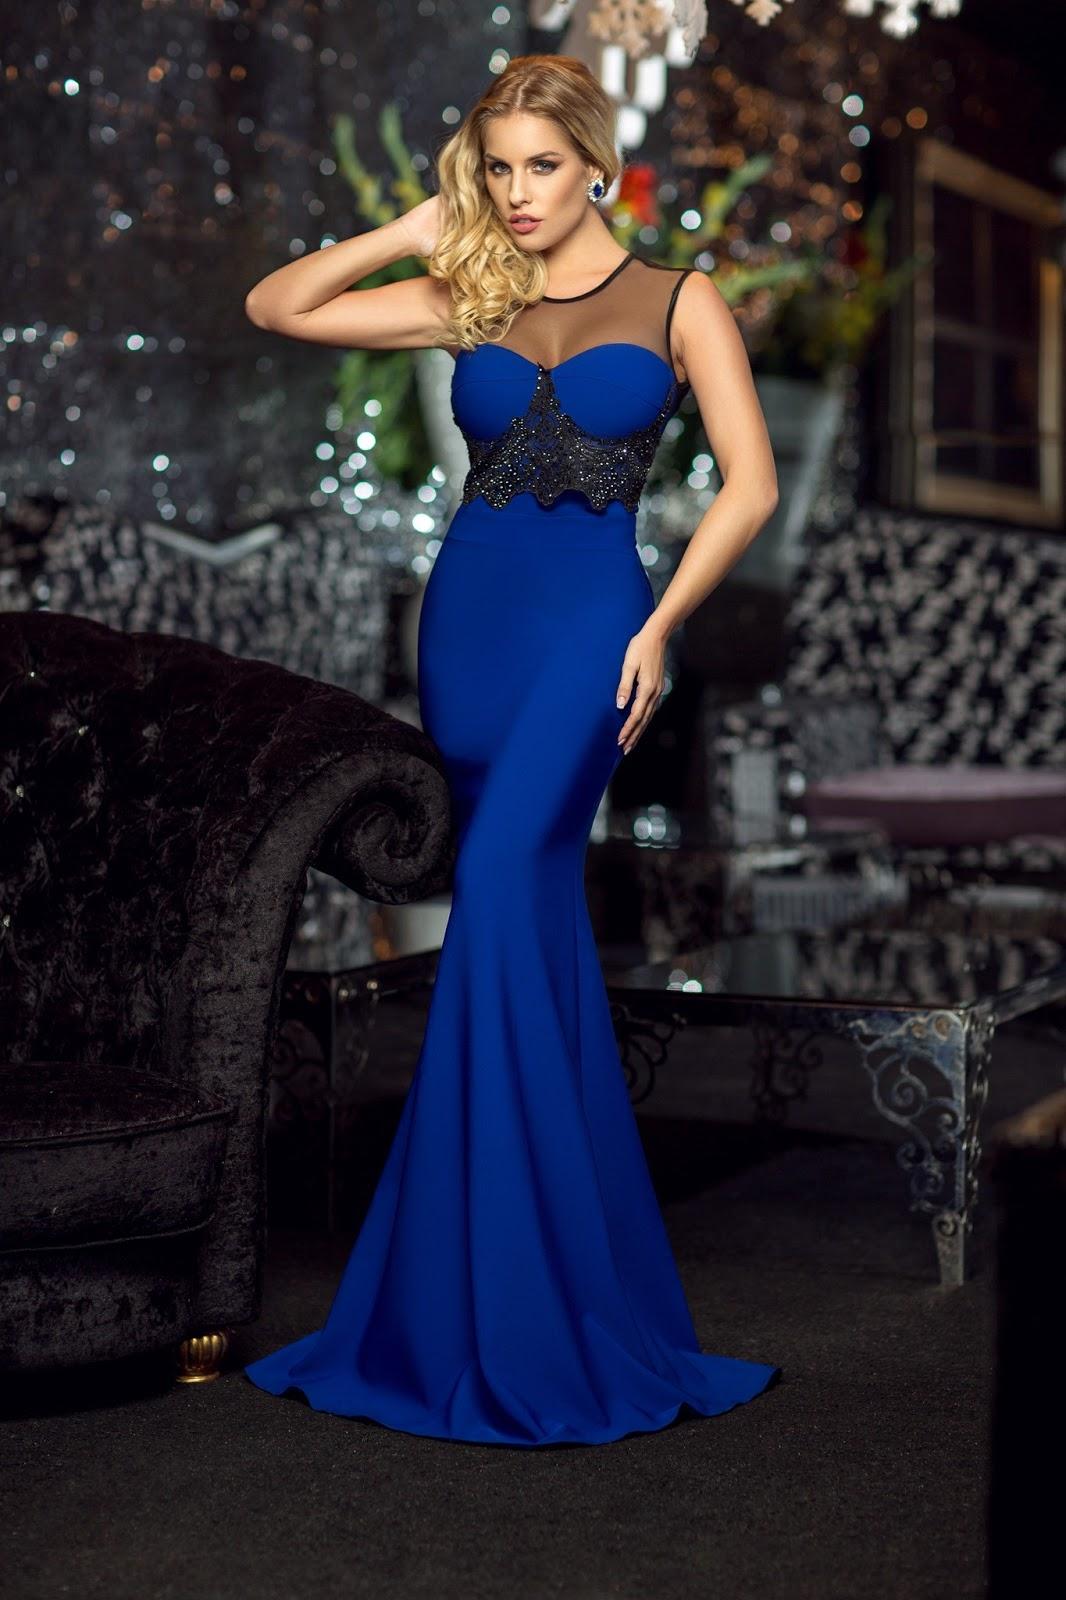 5b0f90d4a Vestidos largos bonitos y elegantes – Vestidos de boda